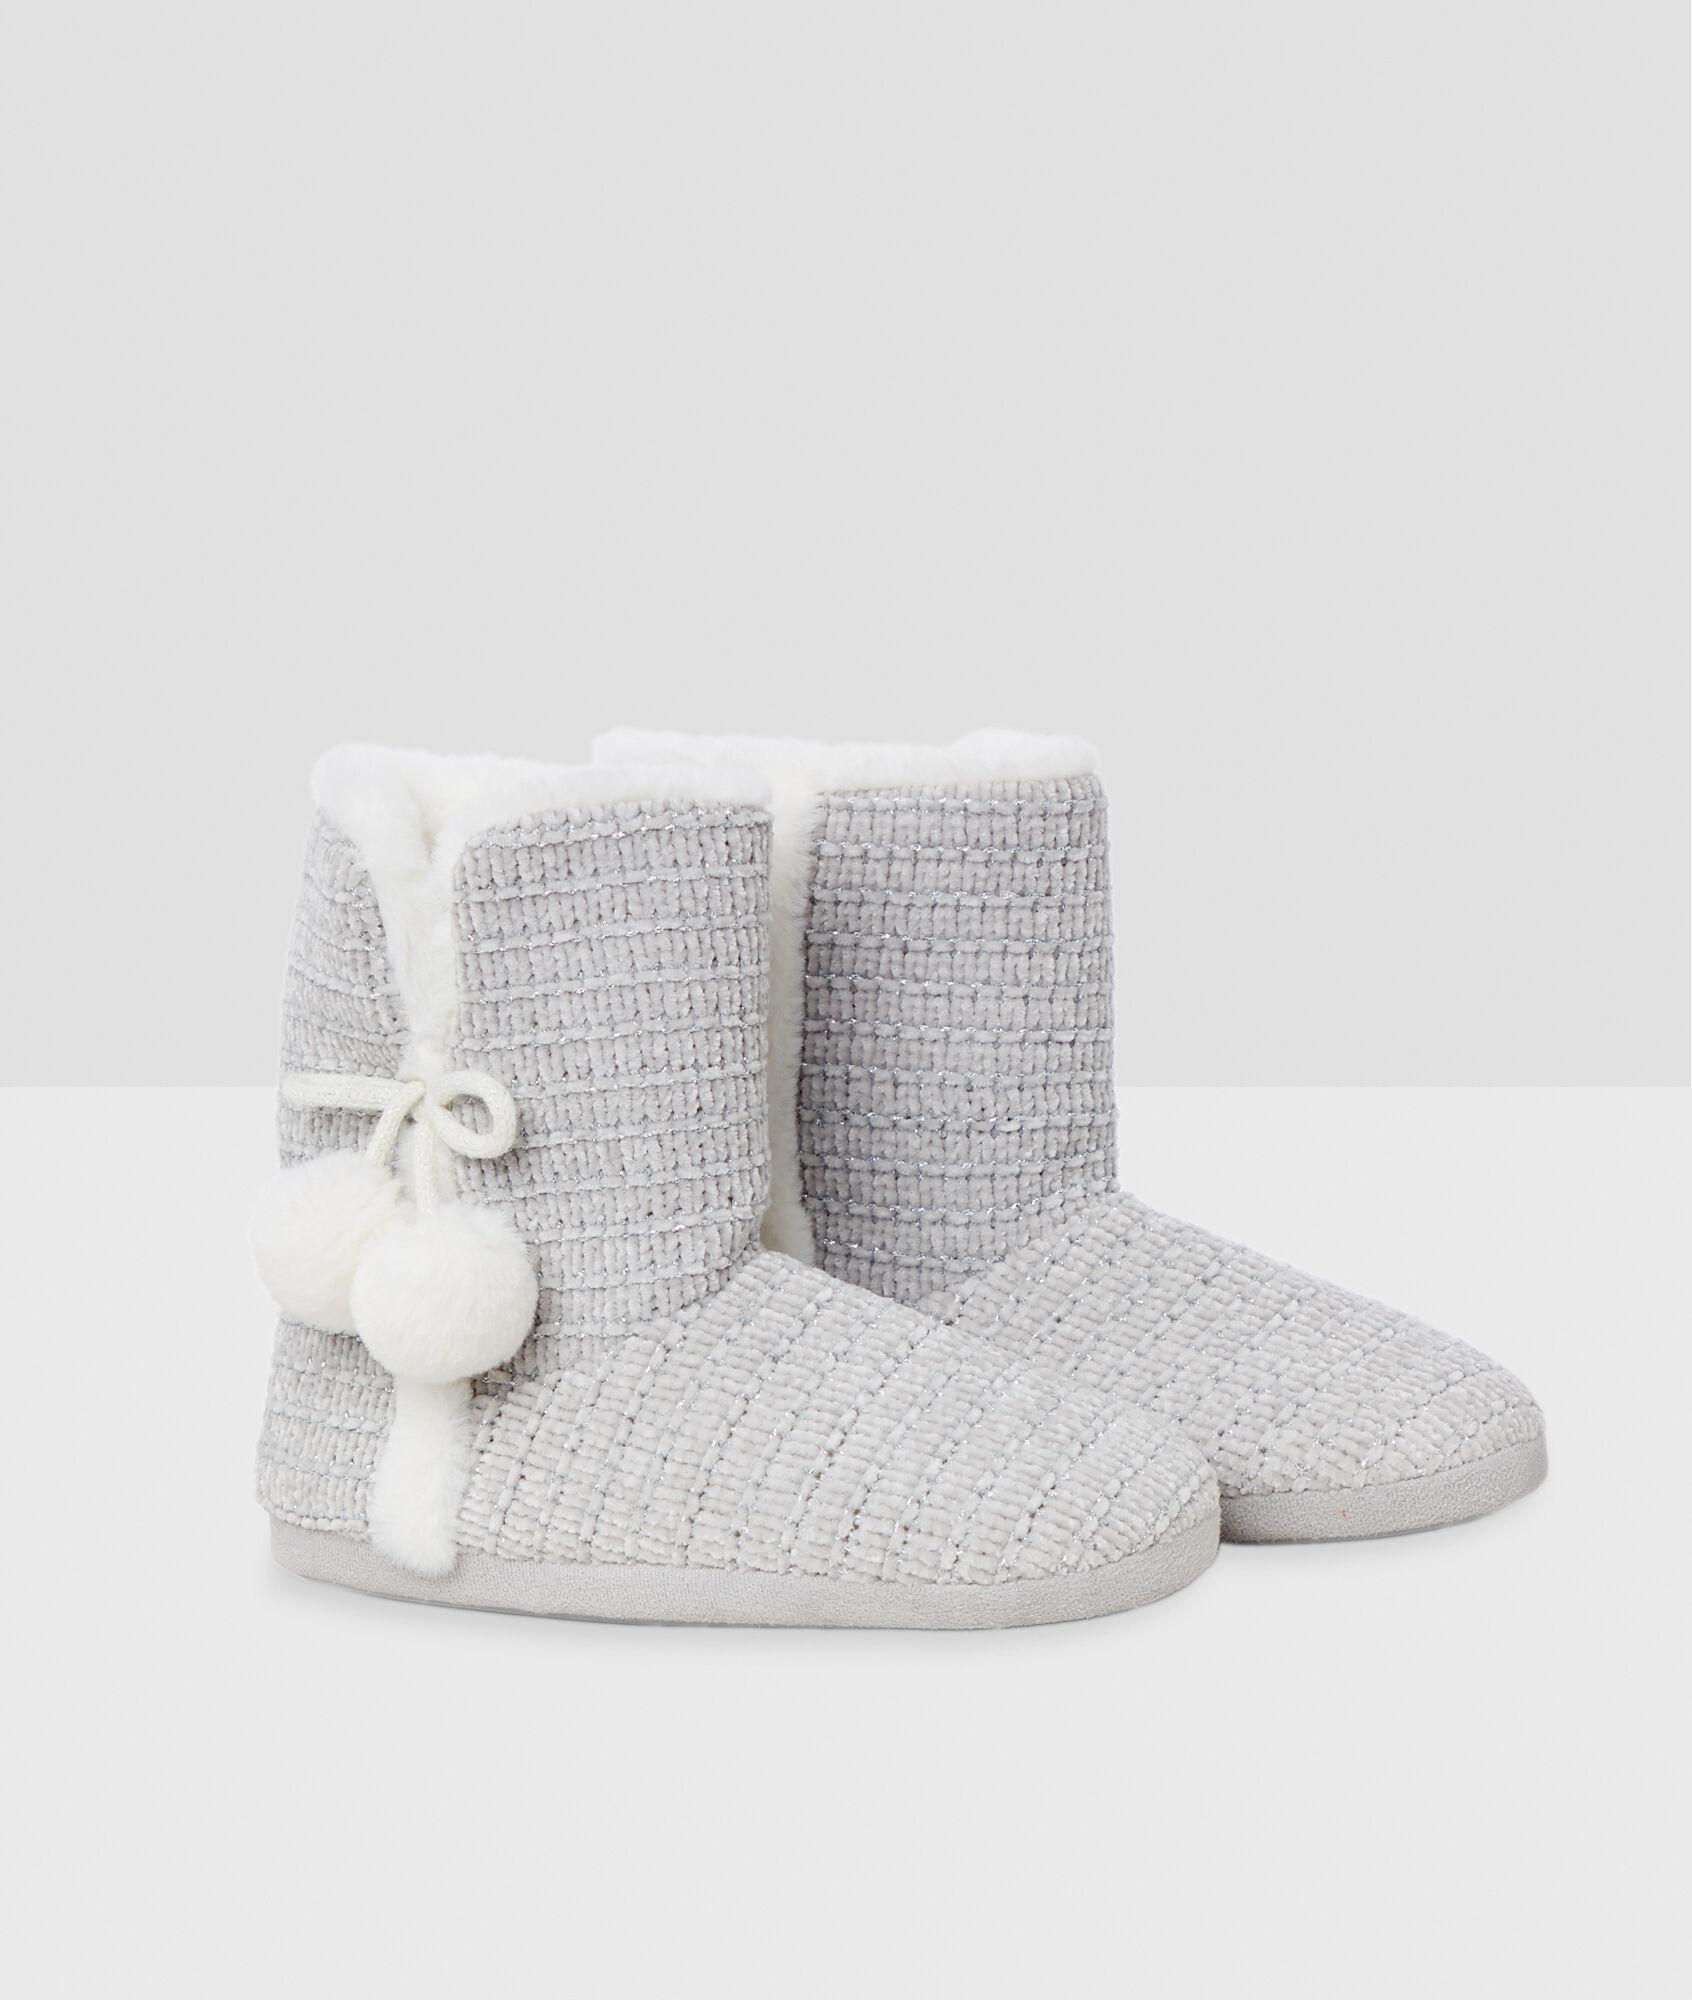 couleurs et frappant 2019 real prix bas Chaussons bottines à pompons - CHENILU - GRIS - Etam